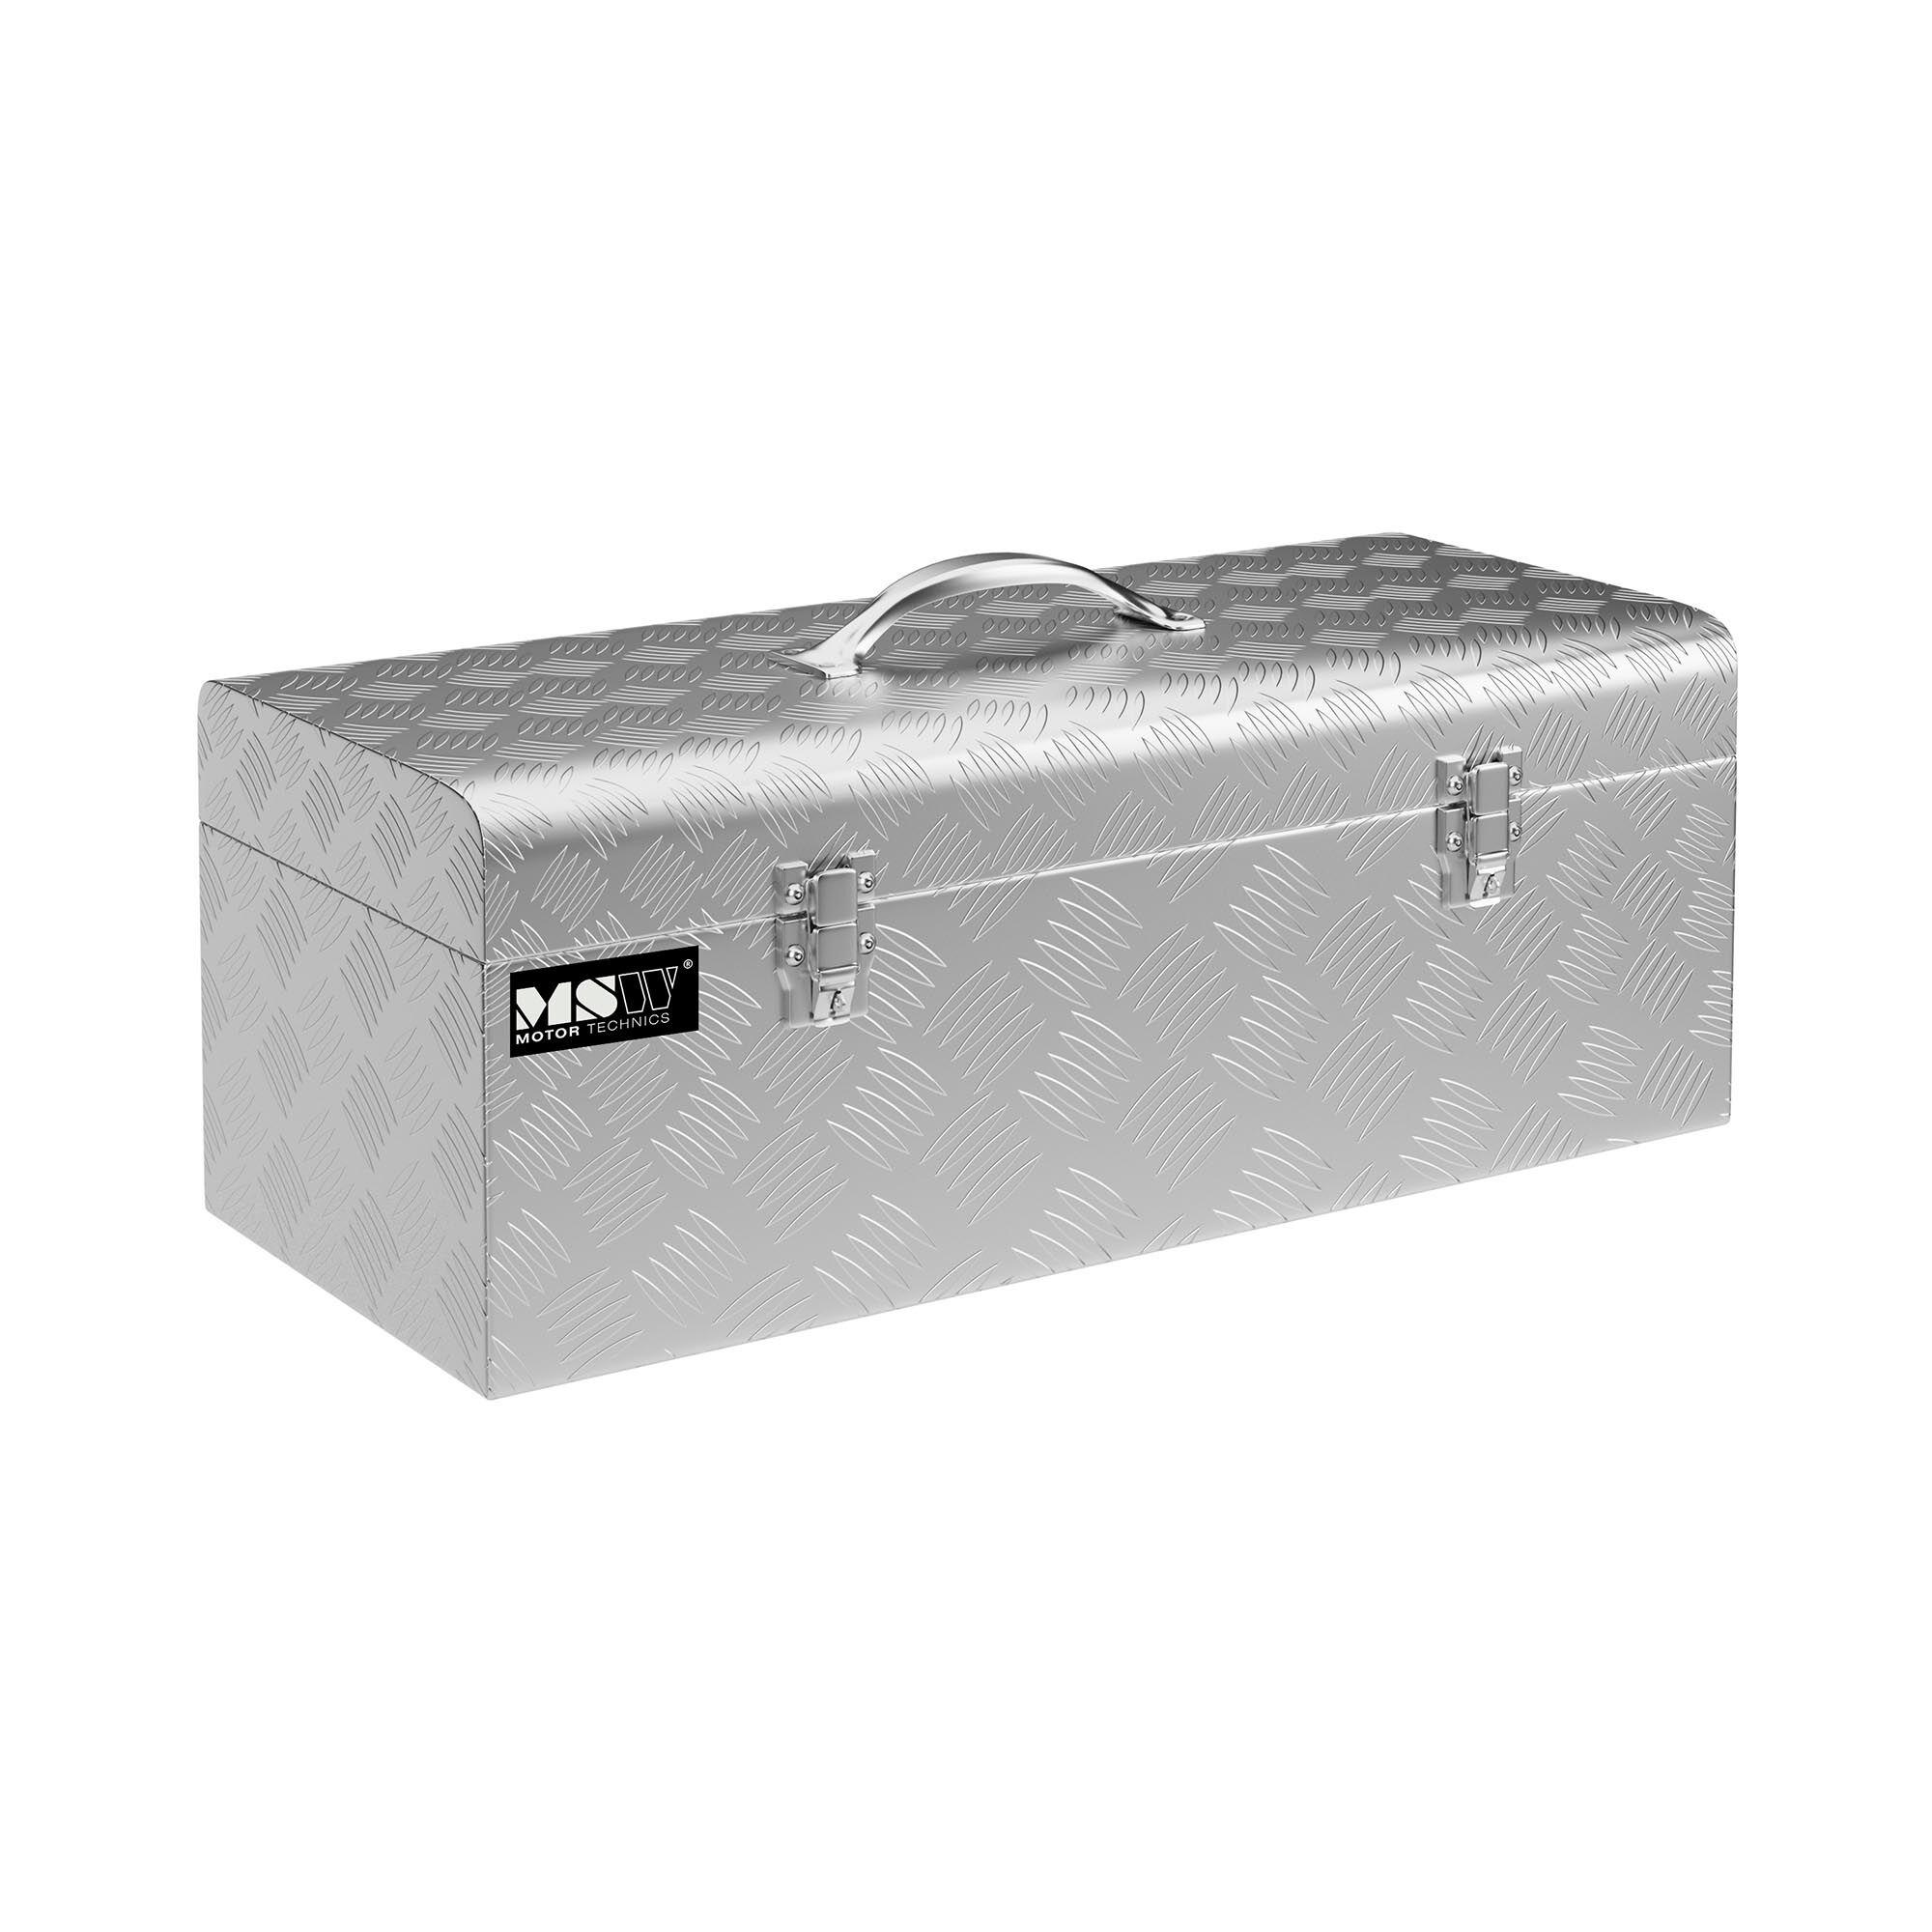 MSW Coffre de rangement aluminium - 57,5 x 24,5 x 22 cm - 31 l MSW-ATB-575